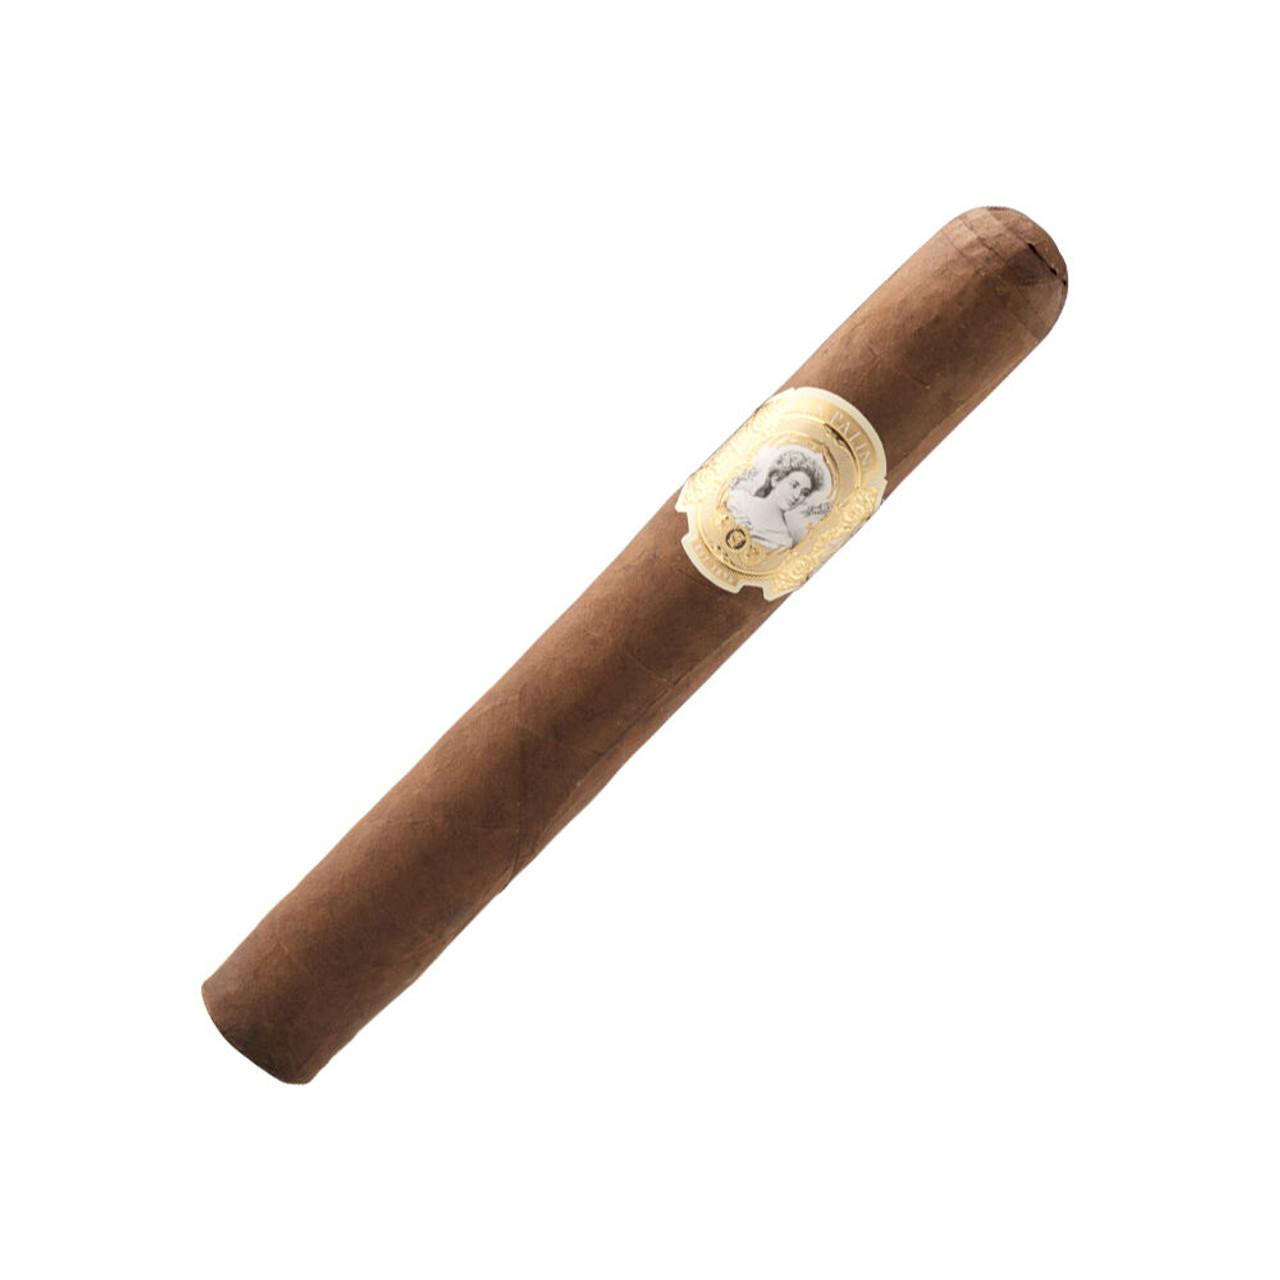 La Palina El Diario Gordo Cigars - 6 x 58 (Box of 20)